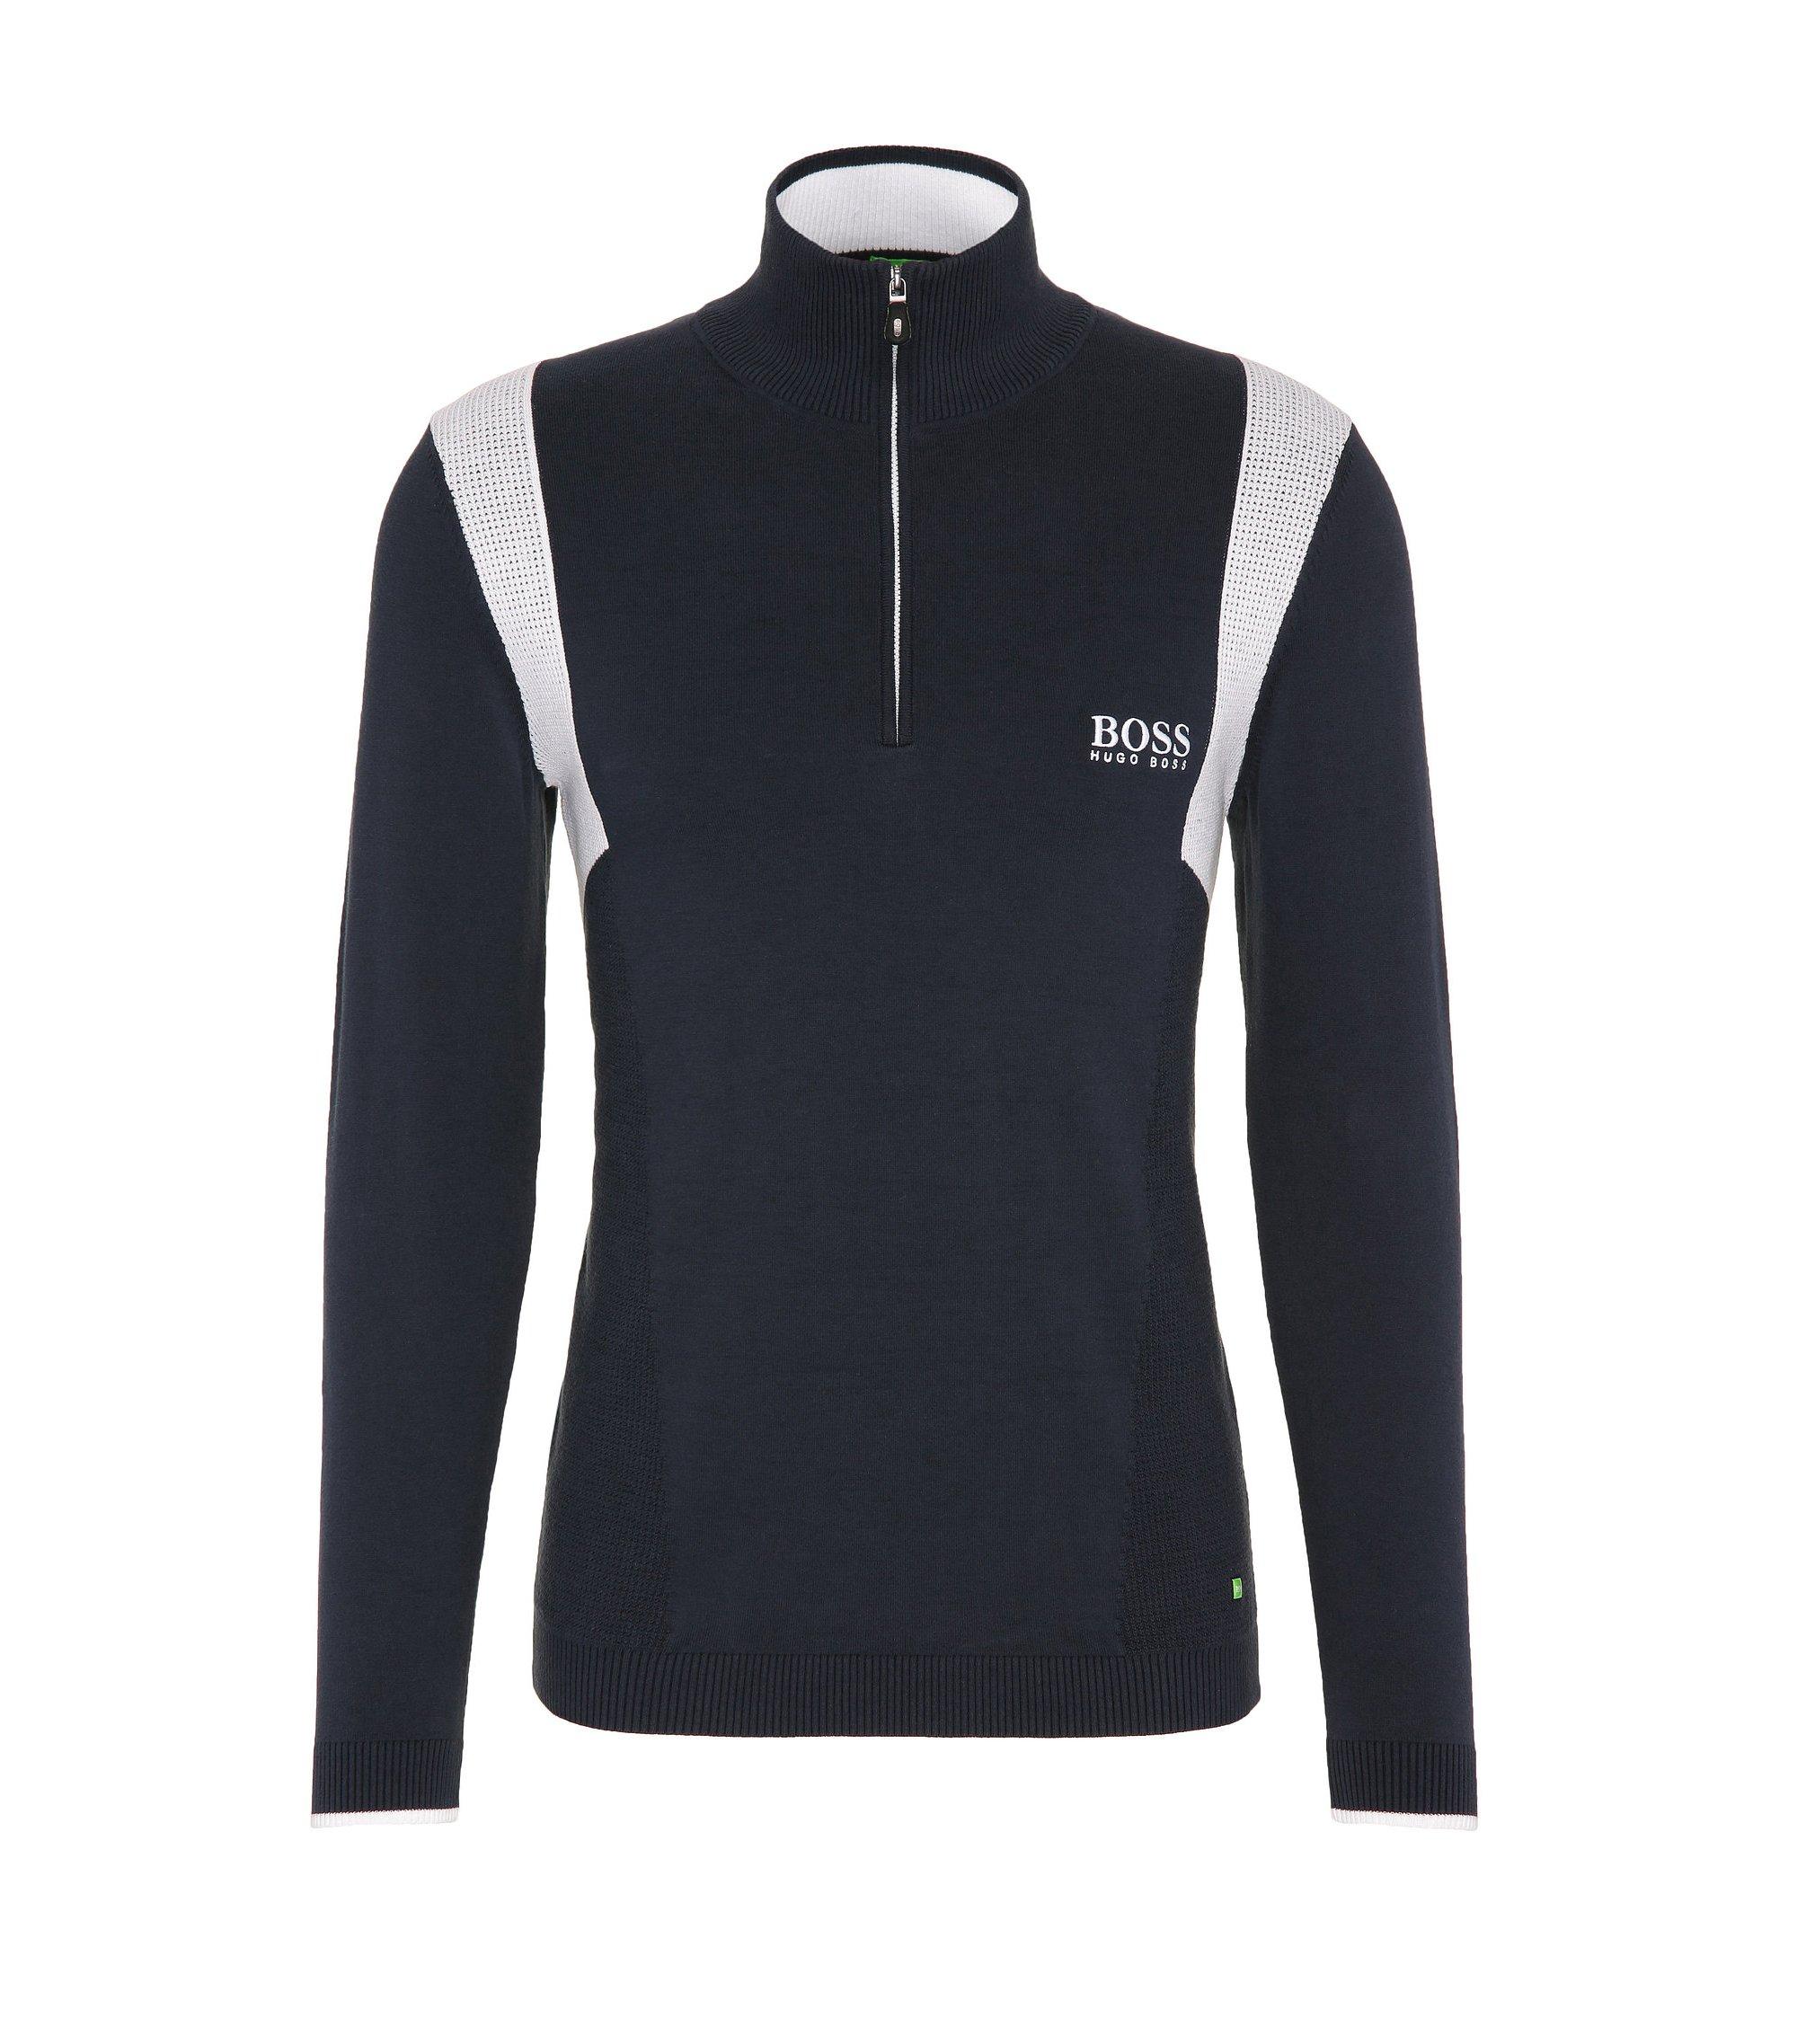 Water-Repellent Stretch Cotton Sweater | Zelichior Pro S17, Dark Blue